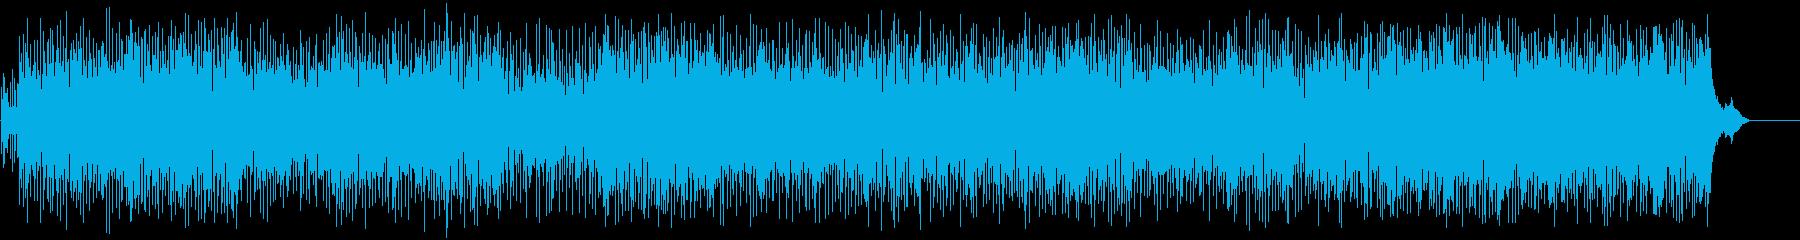 生き生きとしたポップ/フュージョン/BGの再生済みの波形